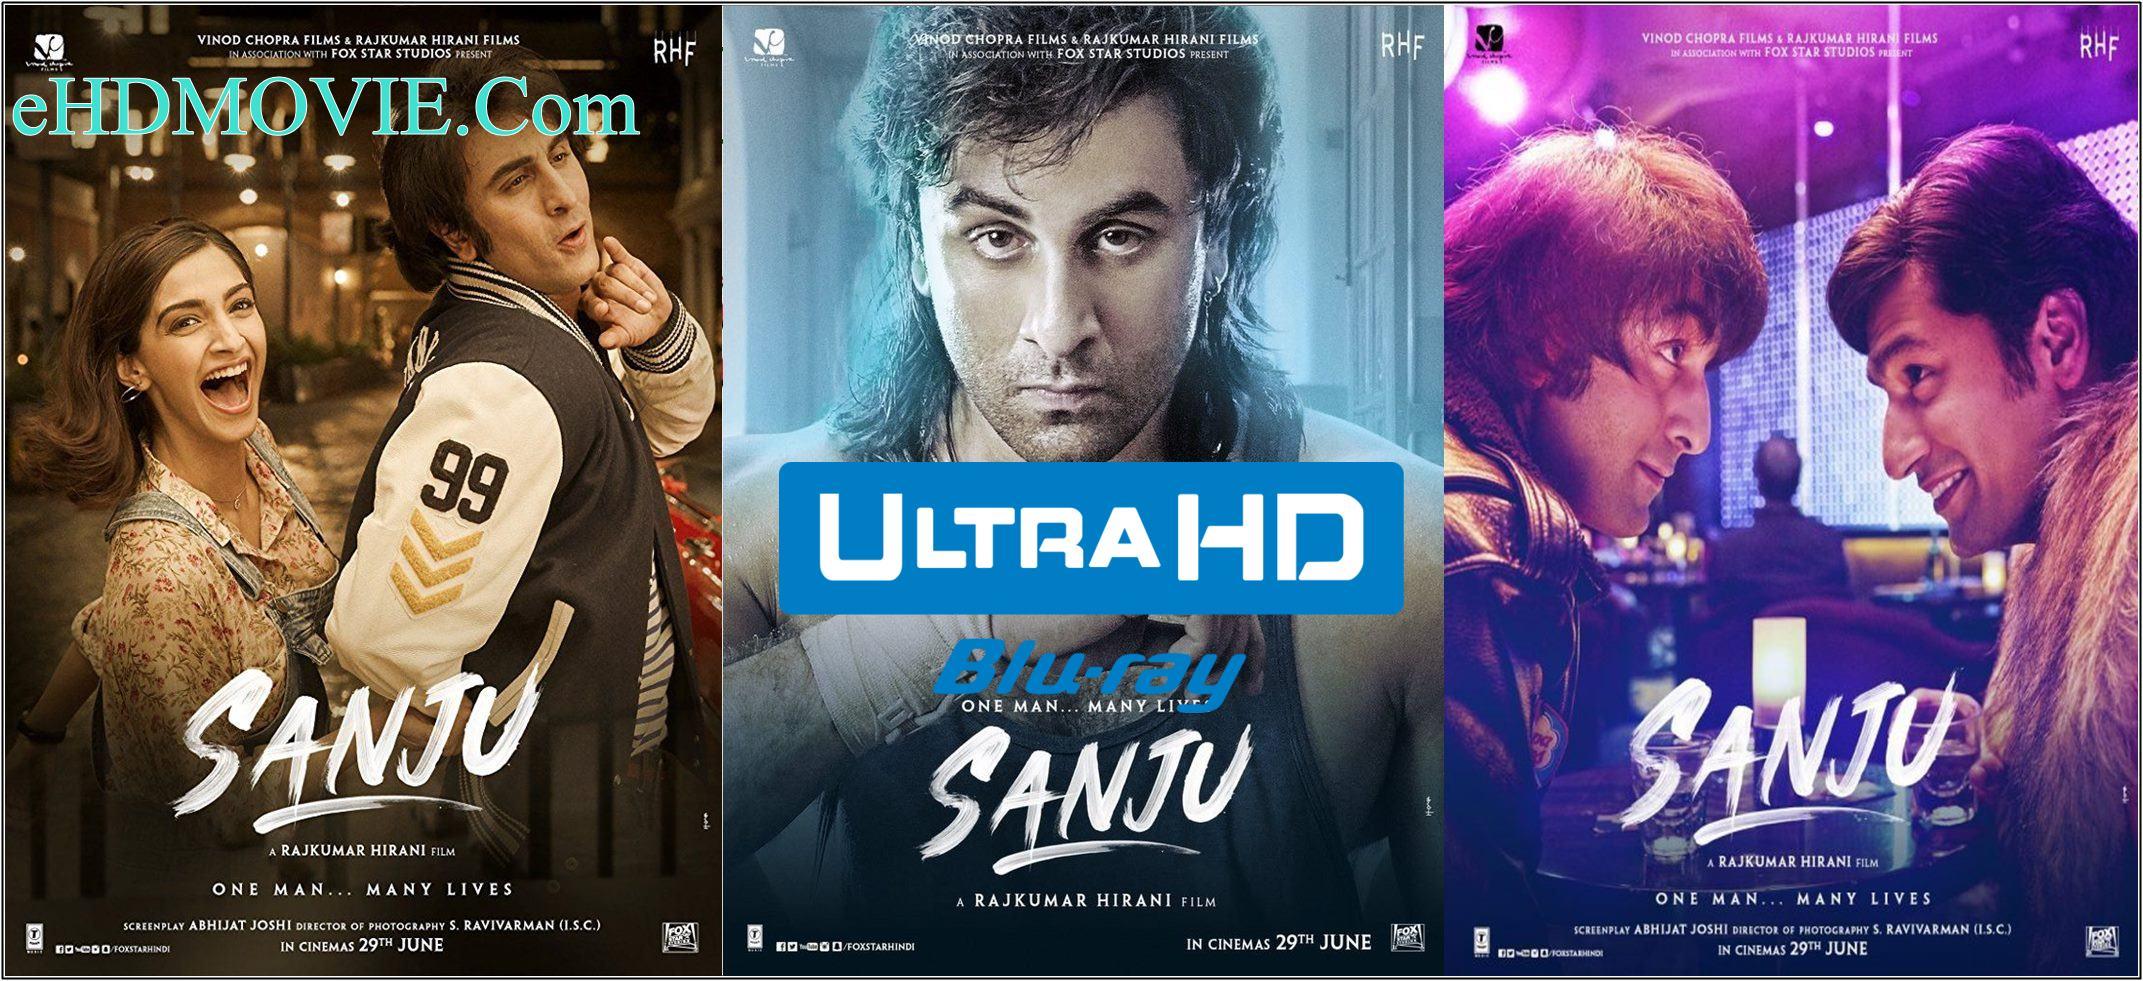 Sanju 2018 Full Movie Hindi 720p – 480p ORG BRRip 450MB – 1.2GB ESubs Free Download